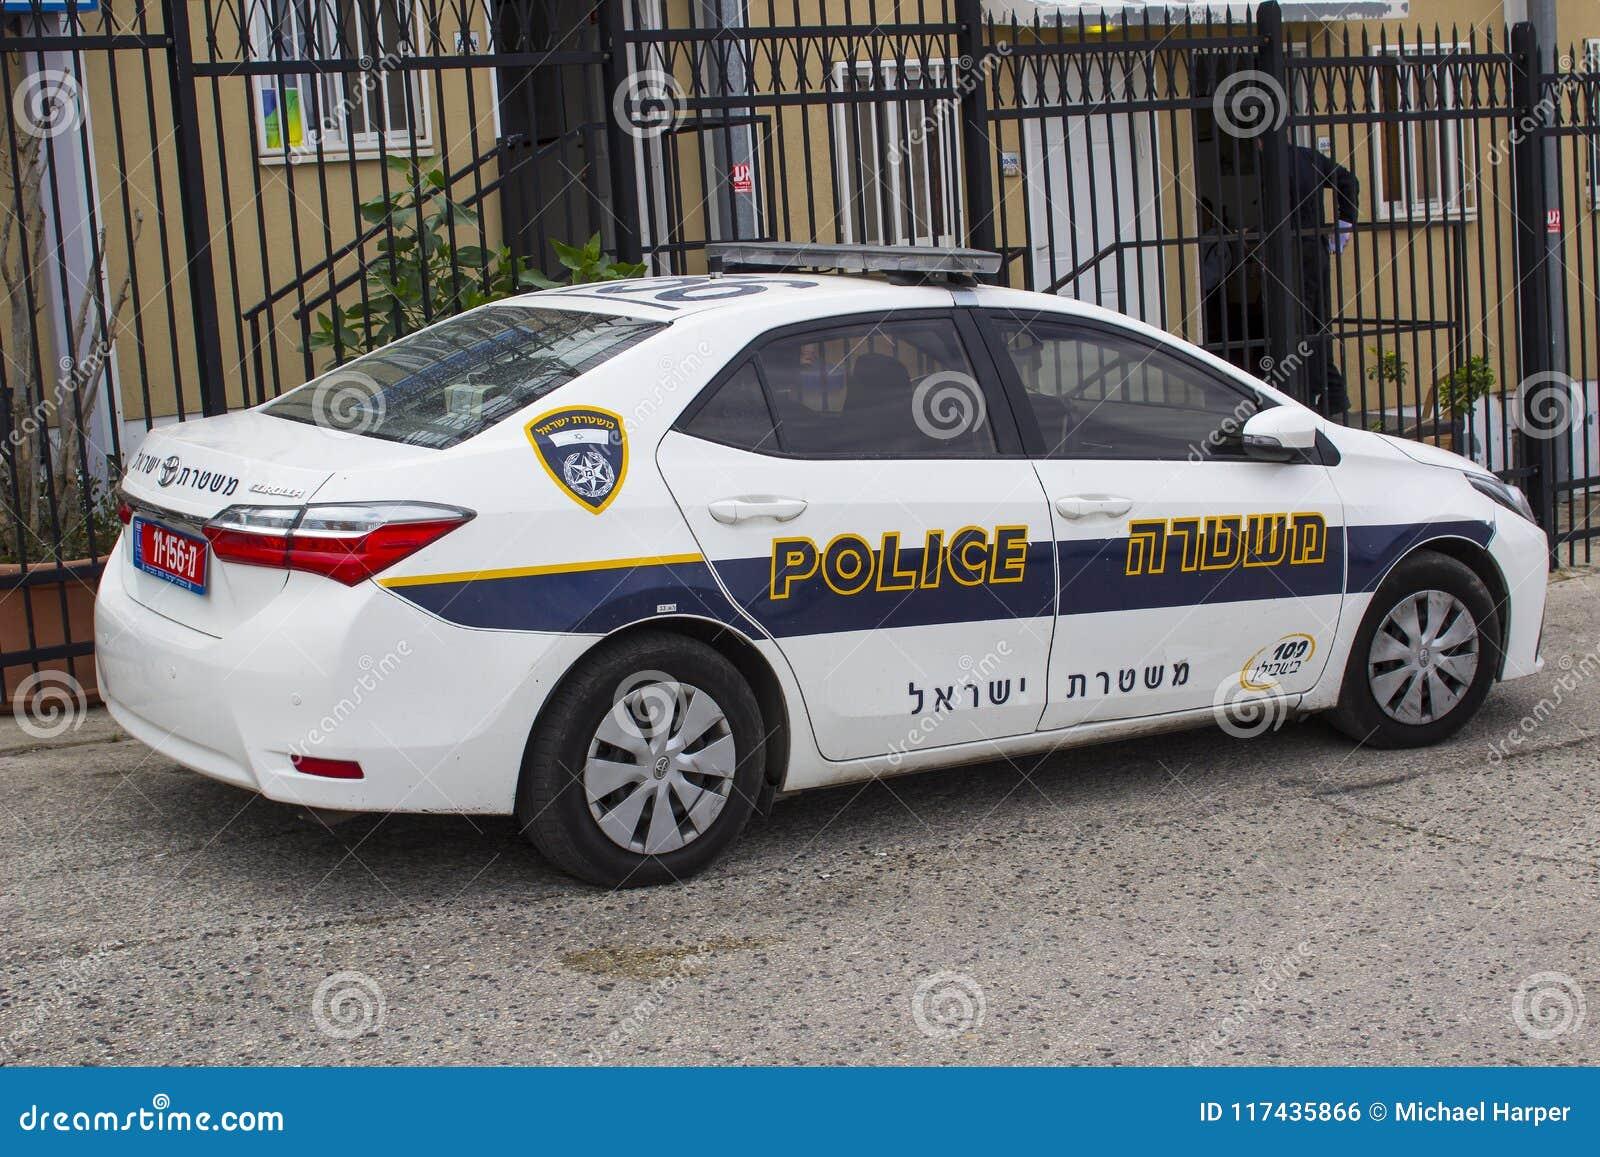 מתוחכם A Toyota Corolla Car In Police Force With Hi Visibility Livery OH-99